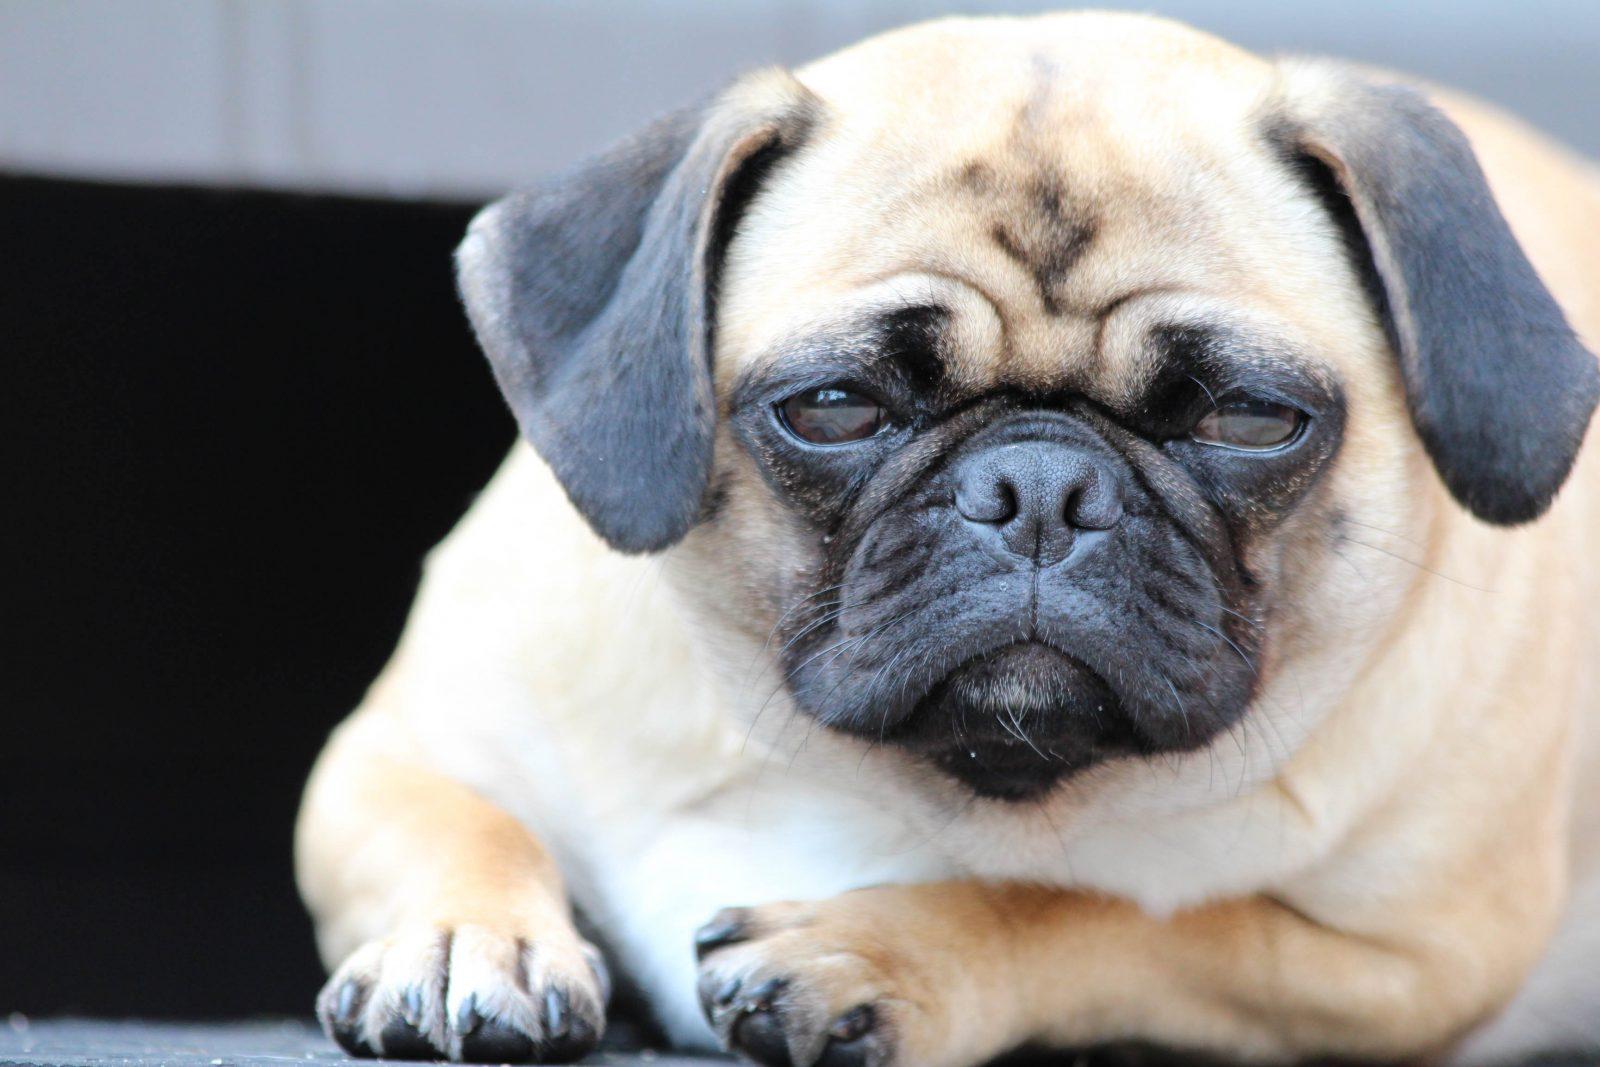 Cuidar de cachorro: Pug obeso deitado no chão de sua casa.